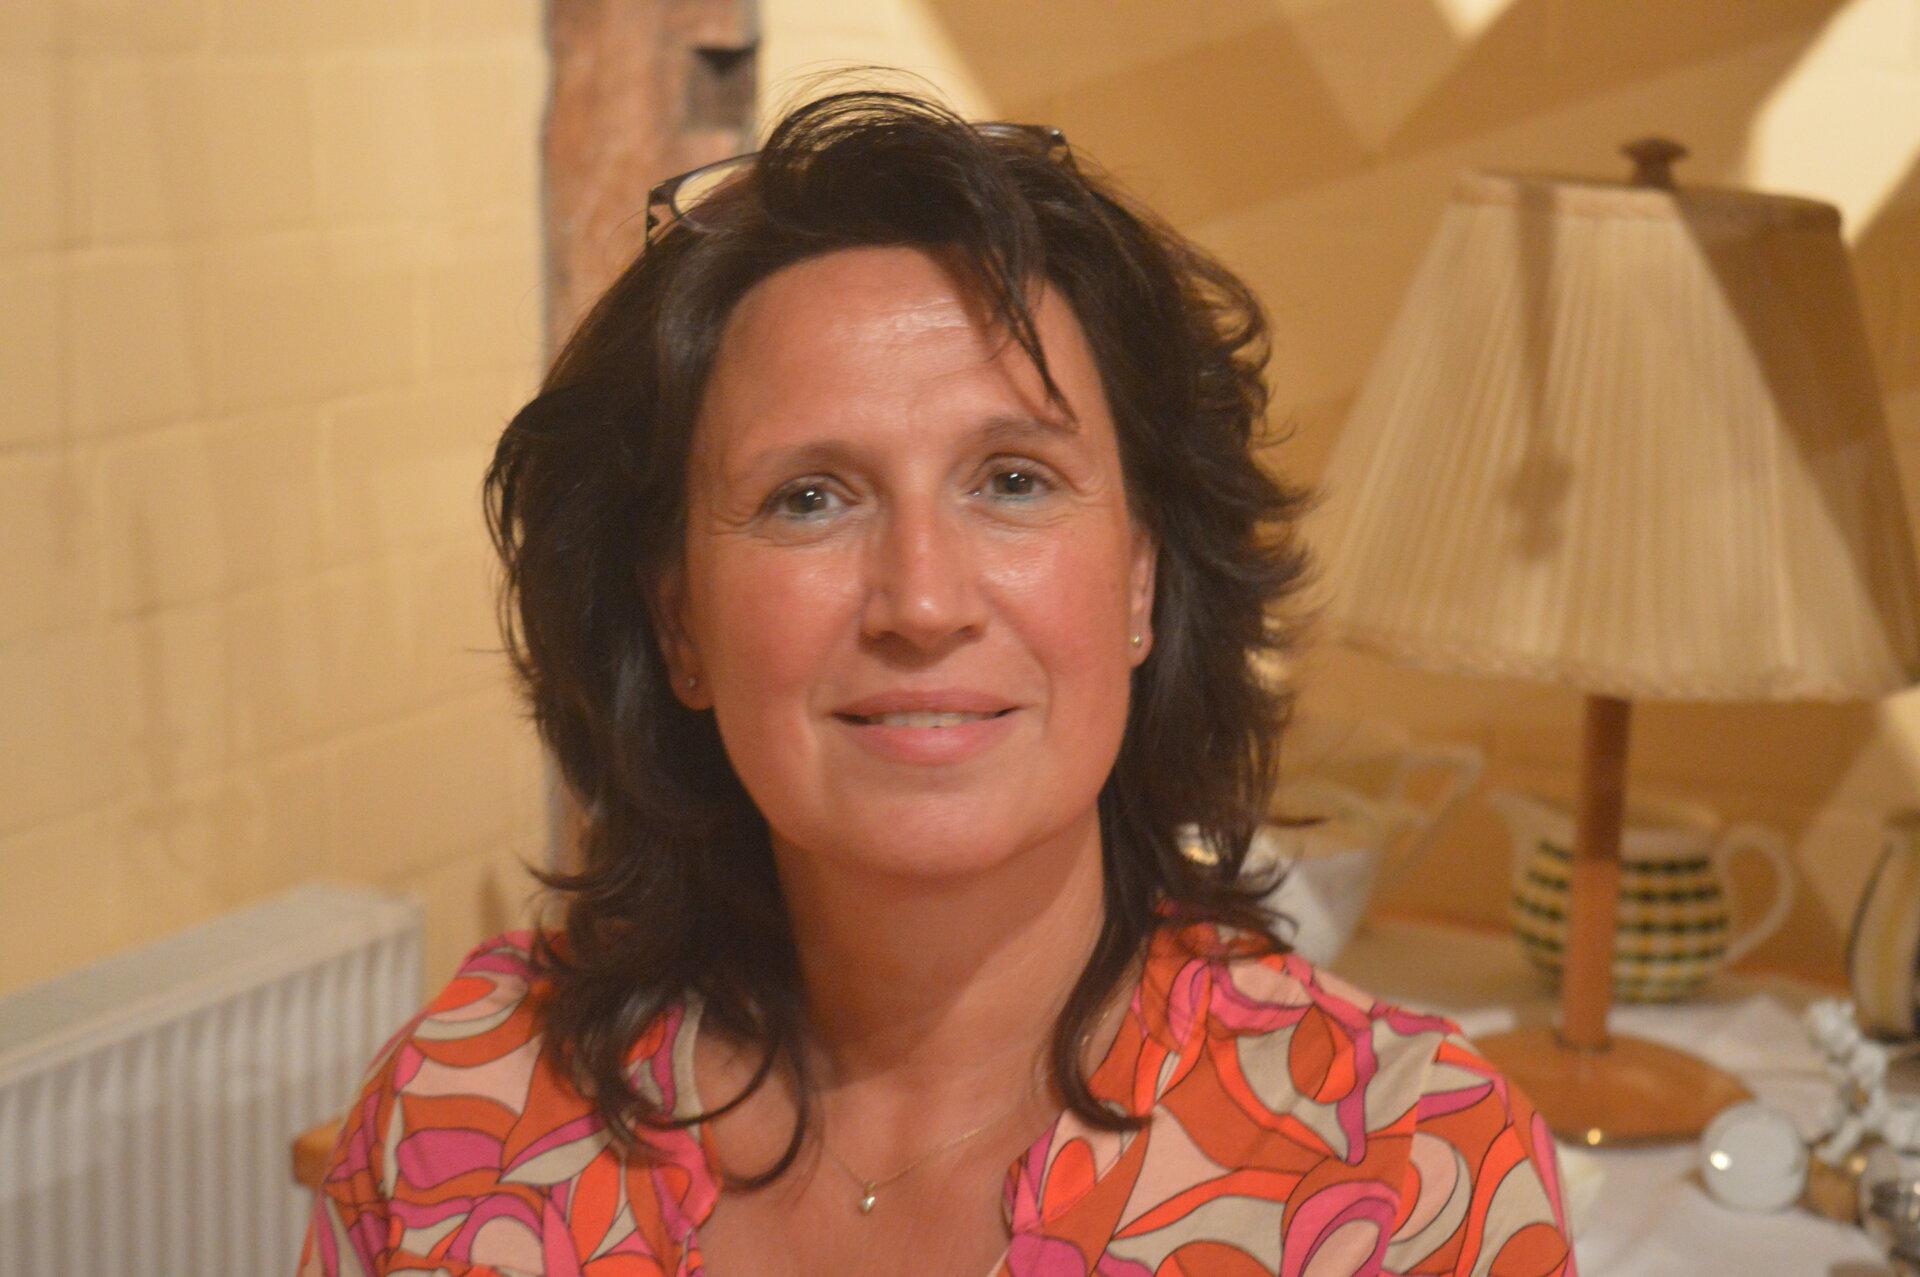 Jana Franzky